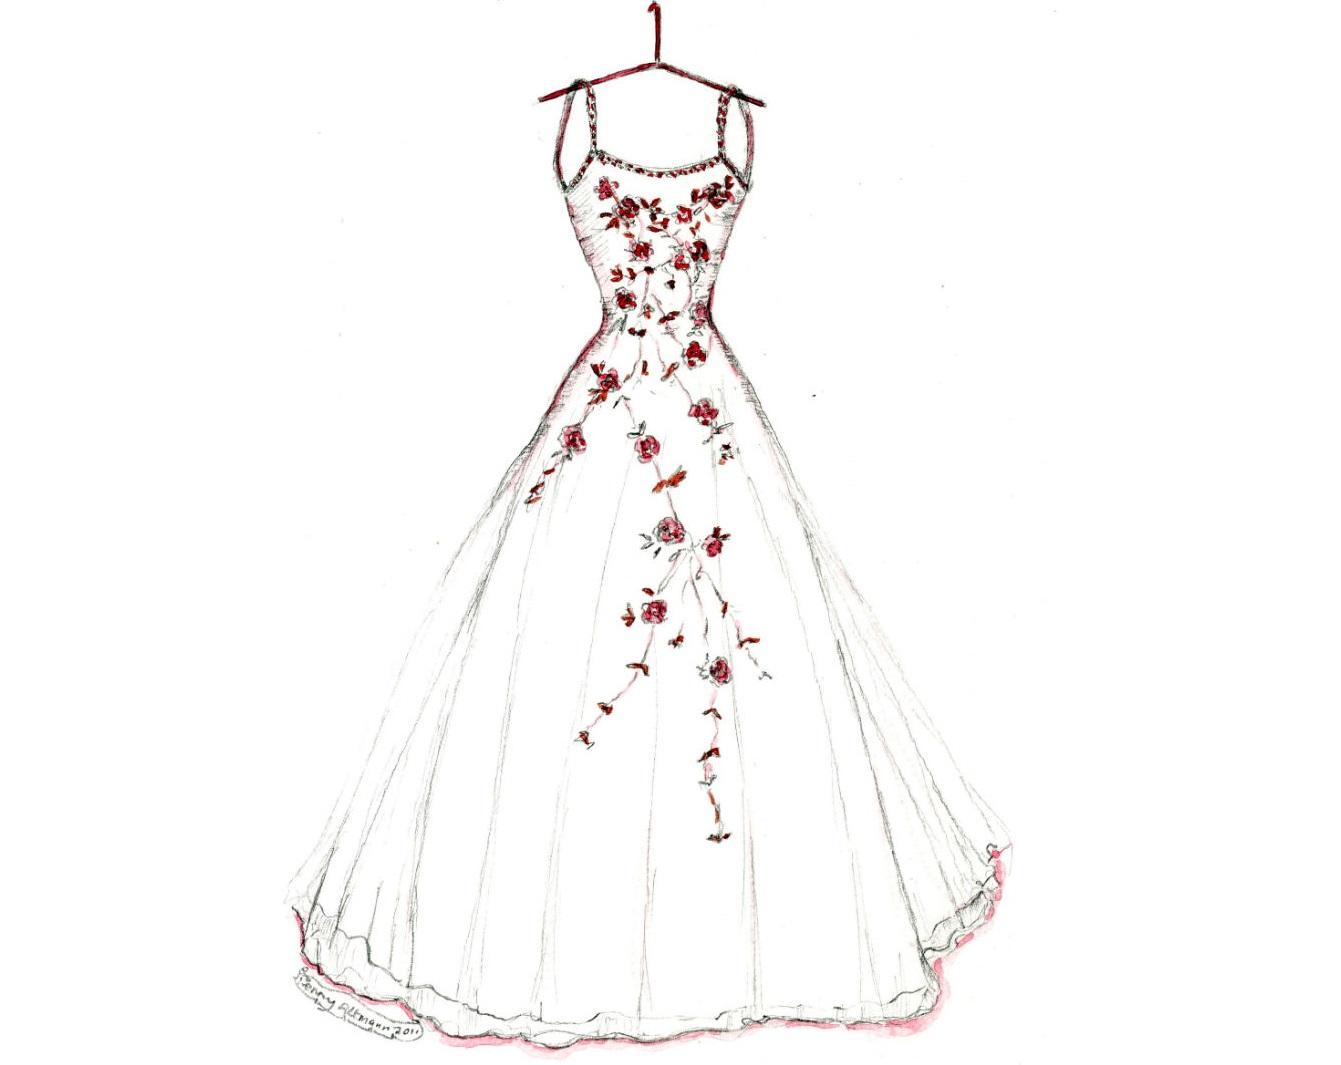 Wedding Gown Sketch 4 Свадьба без жениха: новый тренд?